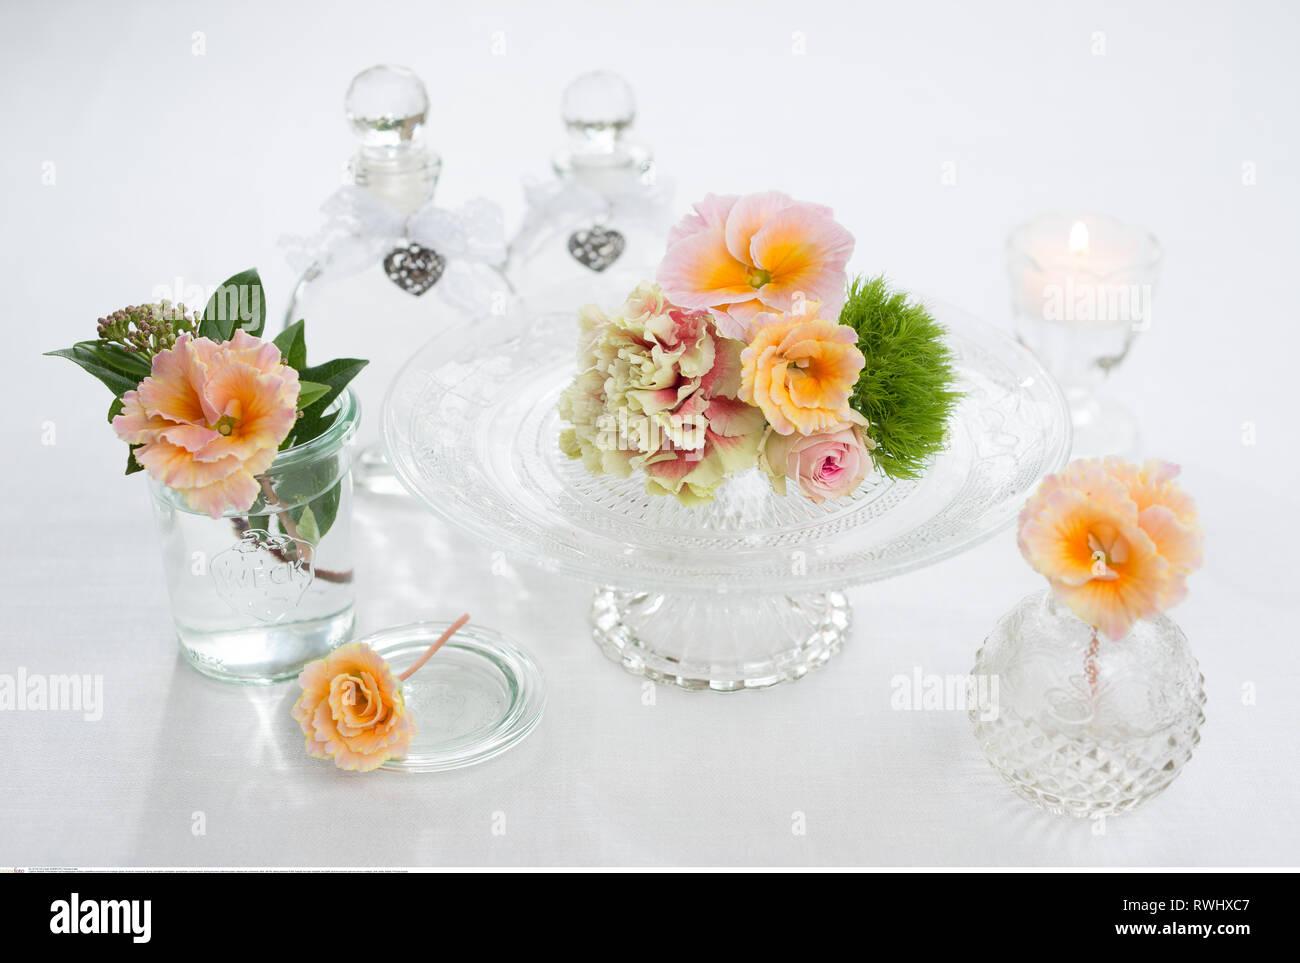 La botanique, l'polyanthrus fleurs sur gl nostalgique, attention! Pour Greetingcard-Use Postcard-Use / dans la partie germanophone du pays, certaines restrictions peuvent s'appliquer Photo Stock